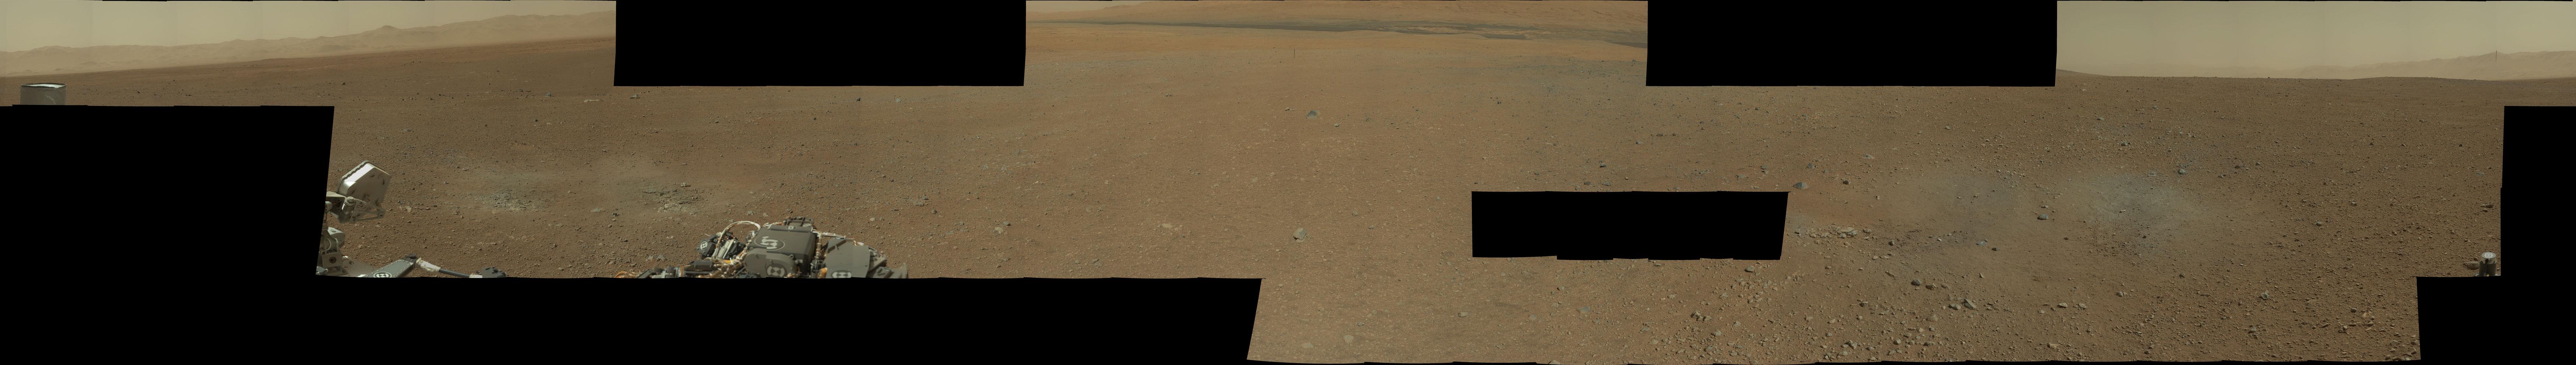 curiosity-planete-mars-cratere-gale-1re-première-photo-panoramique-hd-haute-def